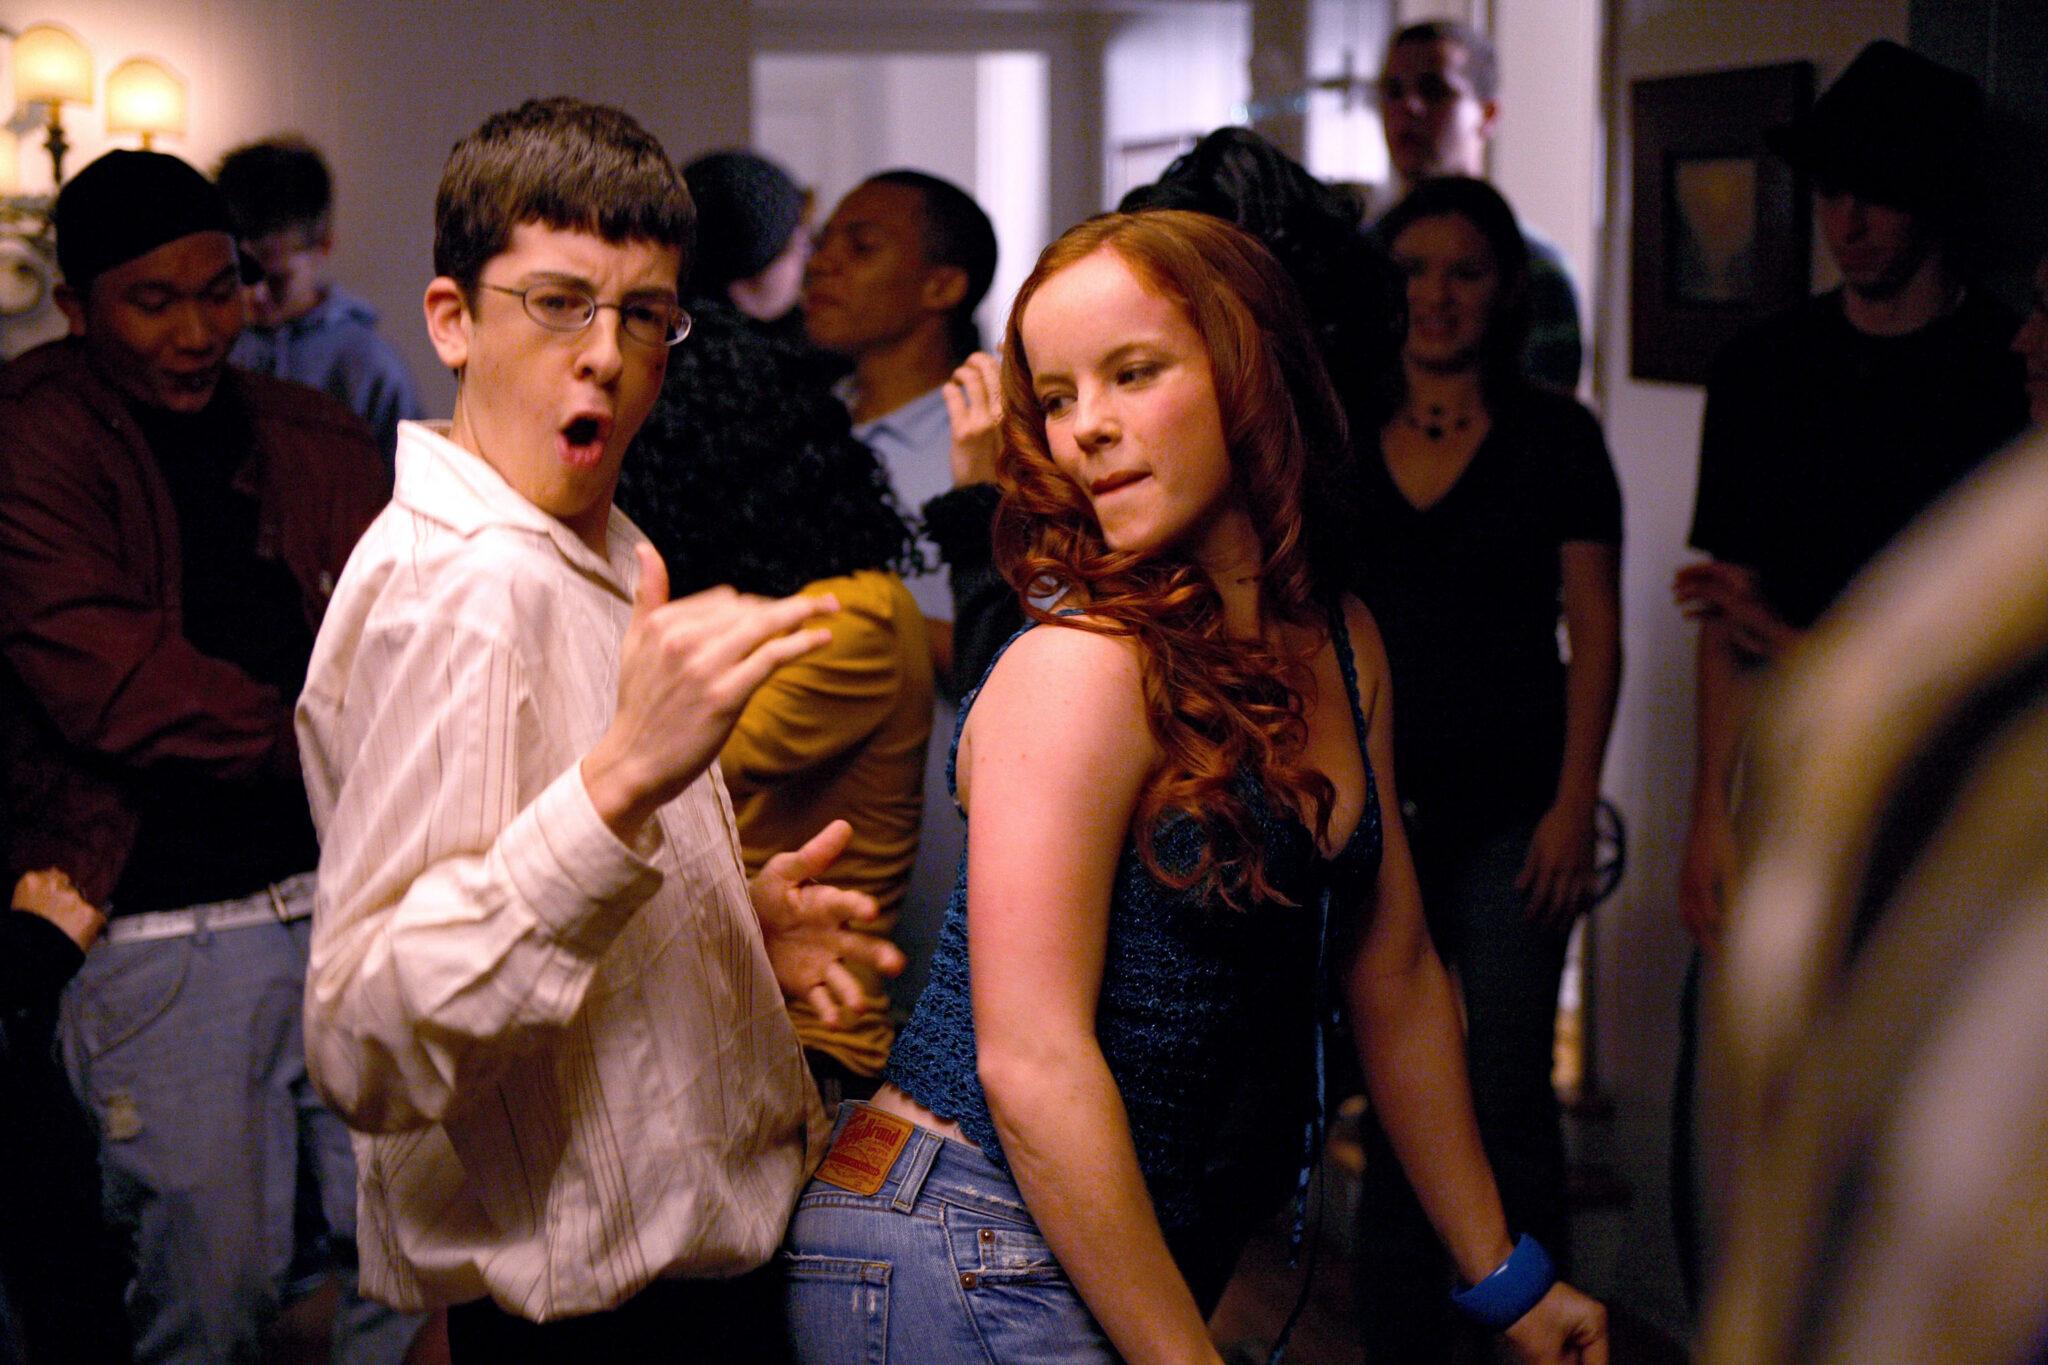 Fogell aka McLovin tanzt lasziv mit einem brünetten Mädchen in Superbad © Sony Pictures